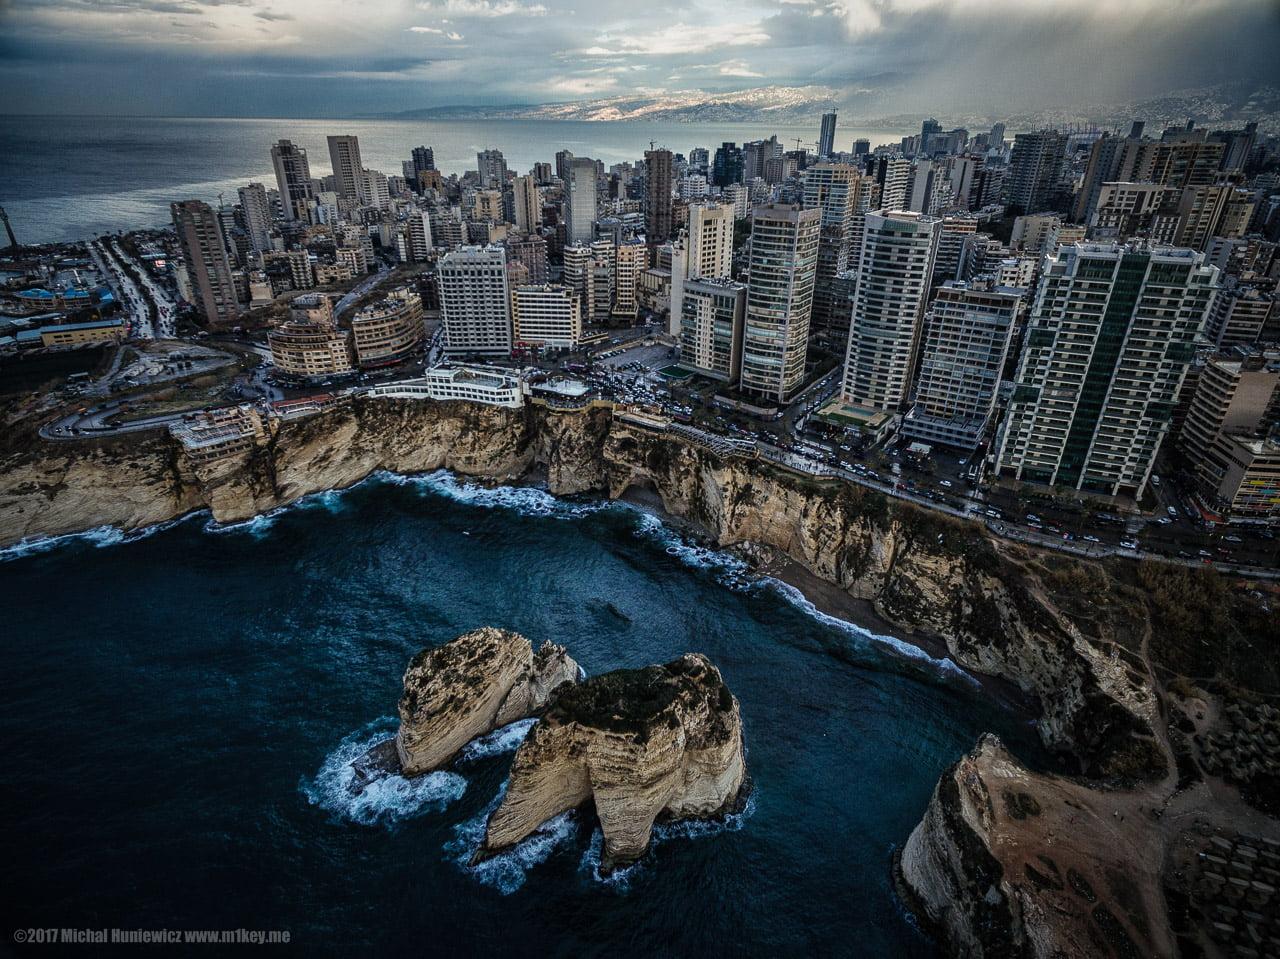 Bourdain's favourite cities - Beirut, Lebanon - photo by Michał Huniewicz under CC BY 2.0